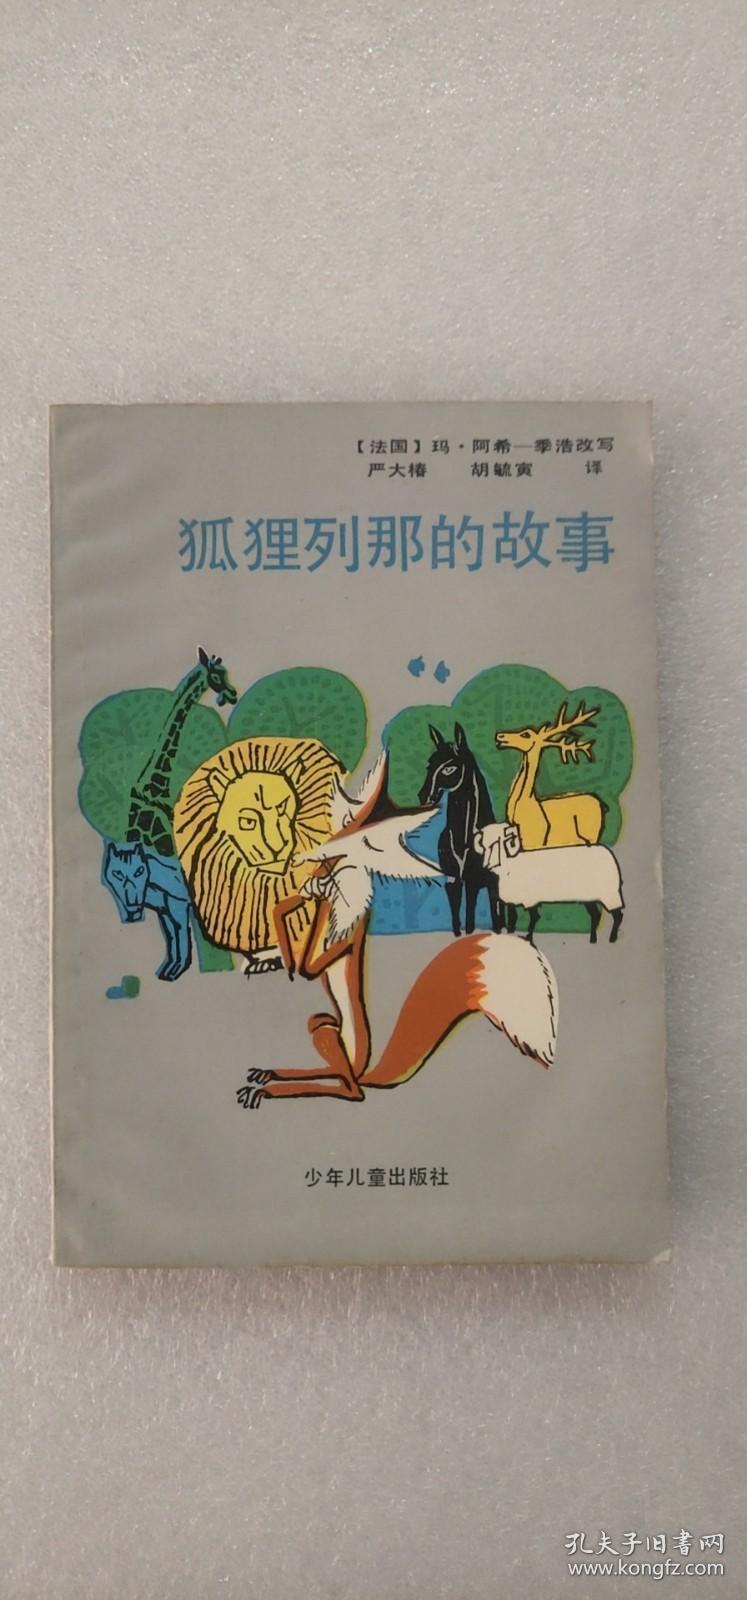 狐狸列那的故事